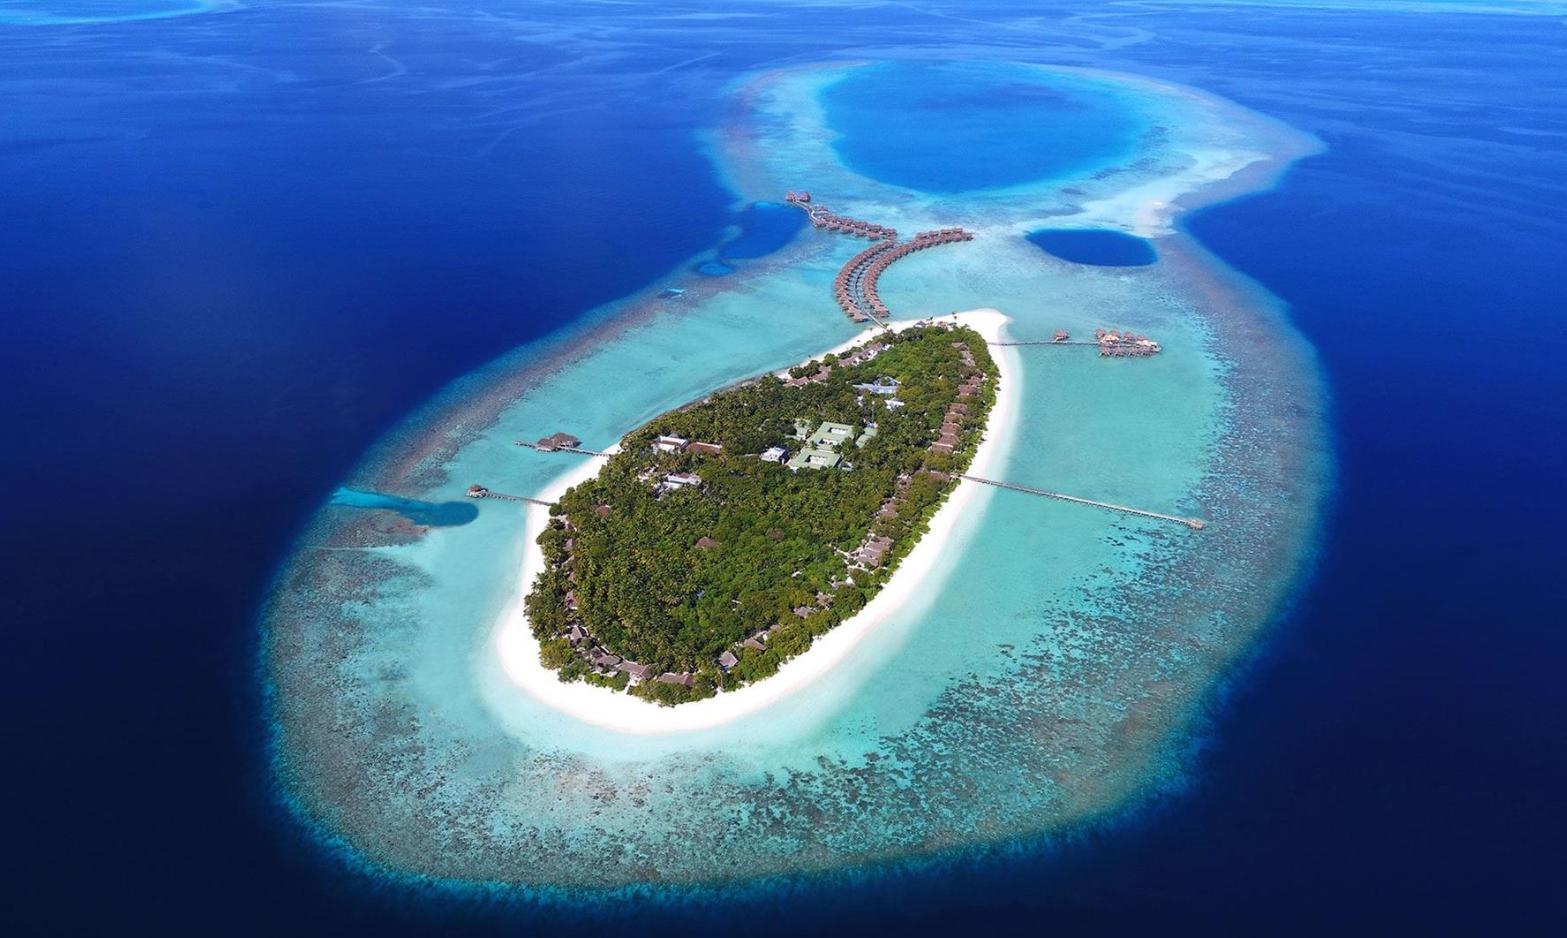 瓦卡库岛(小白马岛) Vakkaru Maldives 鸟瞰地图birdview map清晰版 马尔代夫